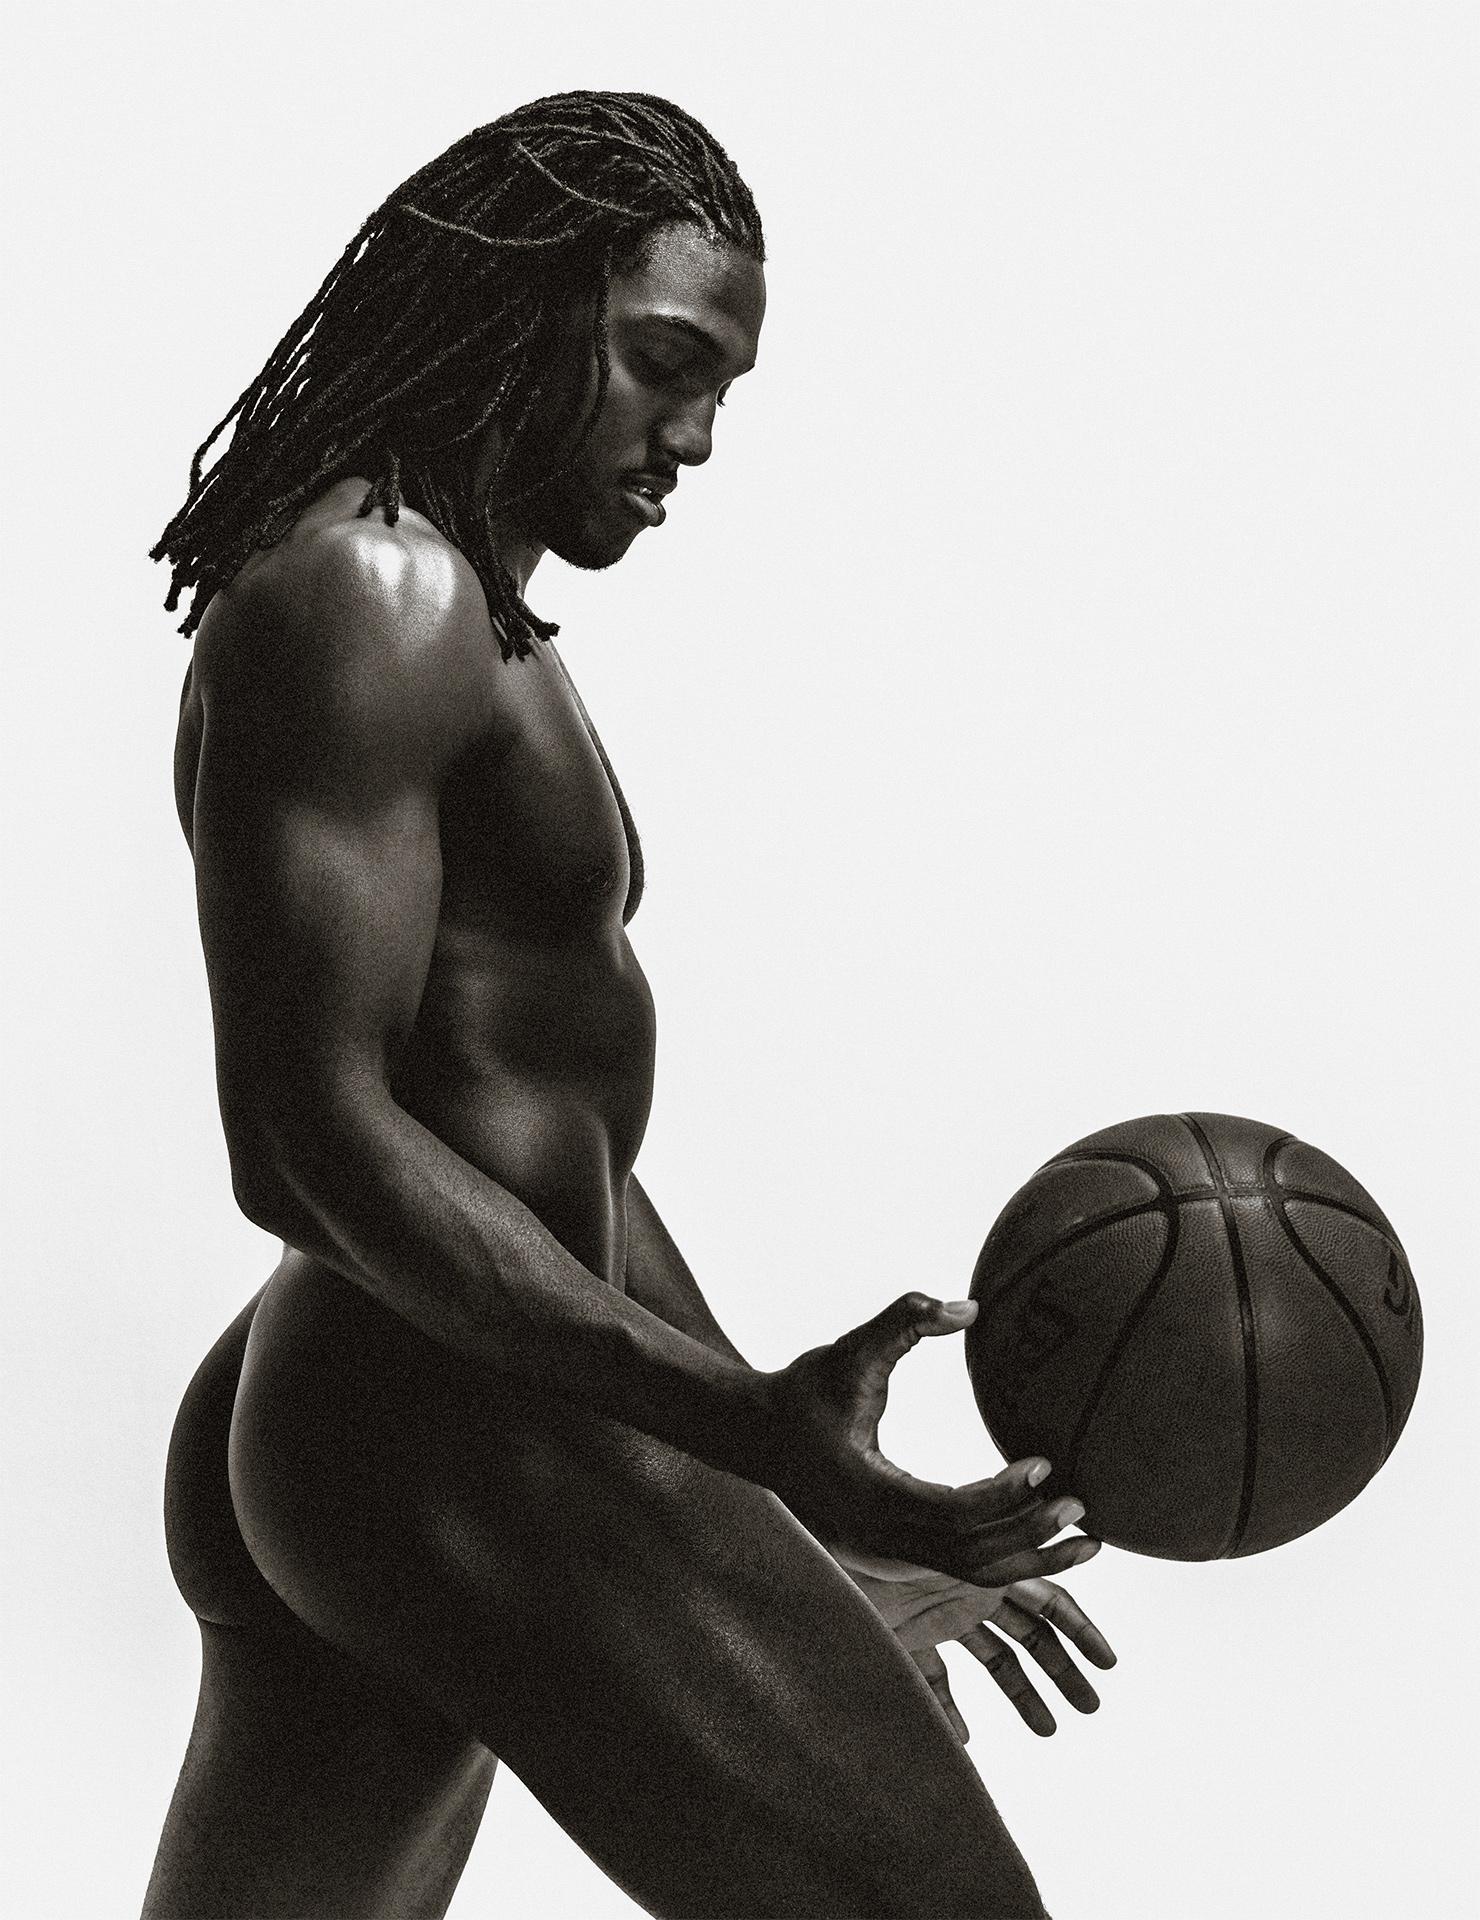 Kenneth Faried, ESPN Body Issue